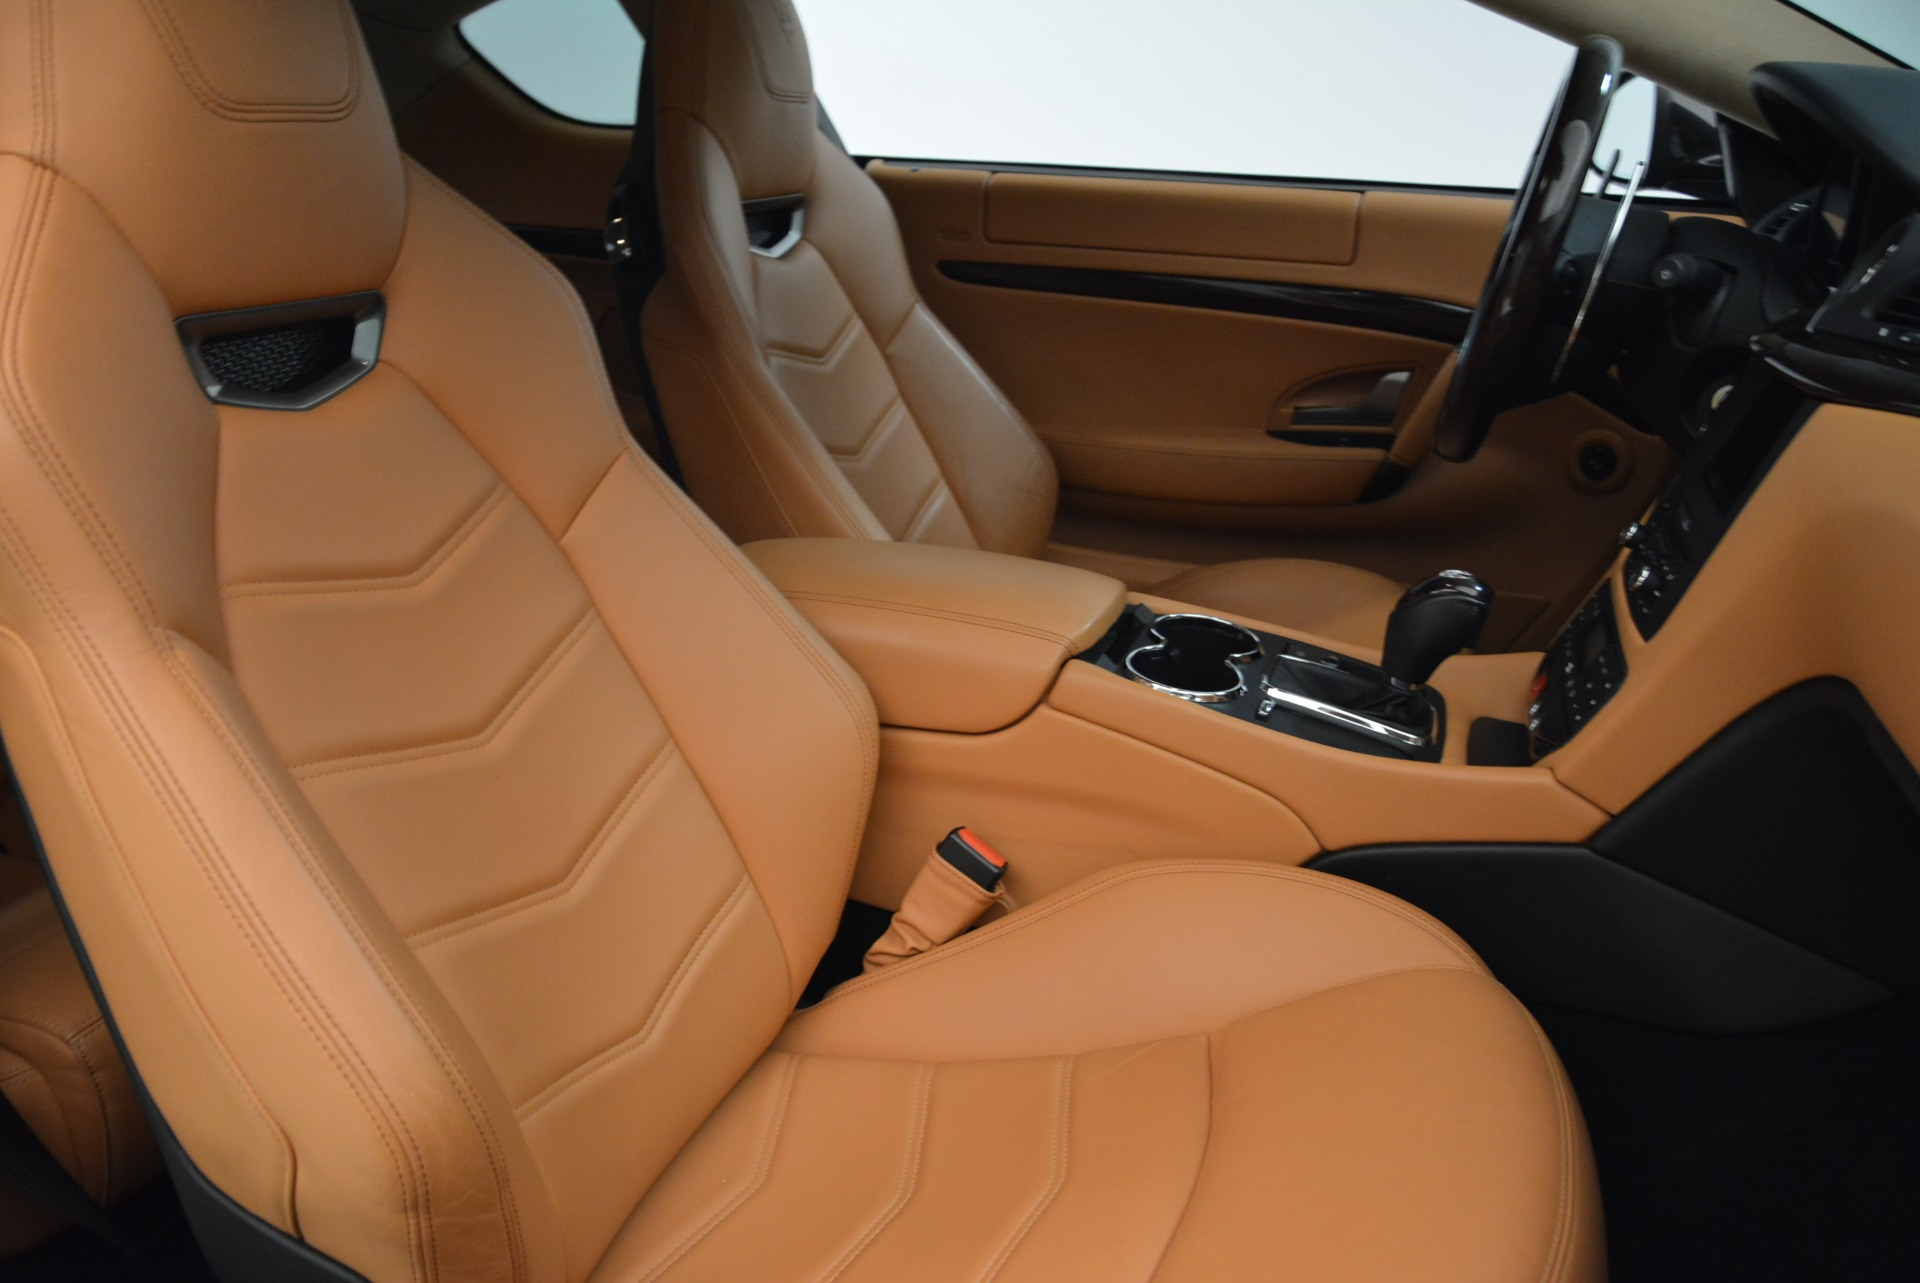 Used 2014 Maserati GranTurismo Sport For Sale In Greenwich, CT 2067_p21